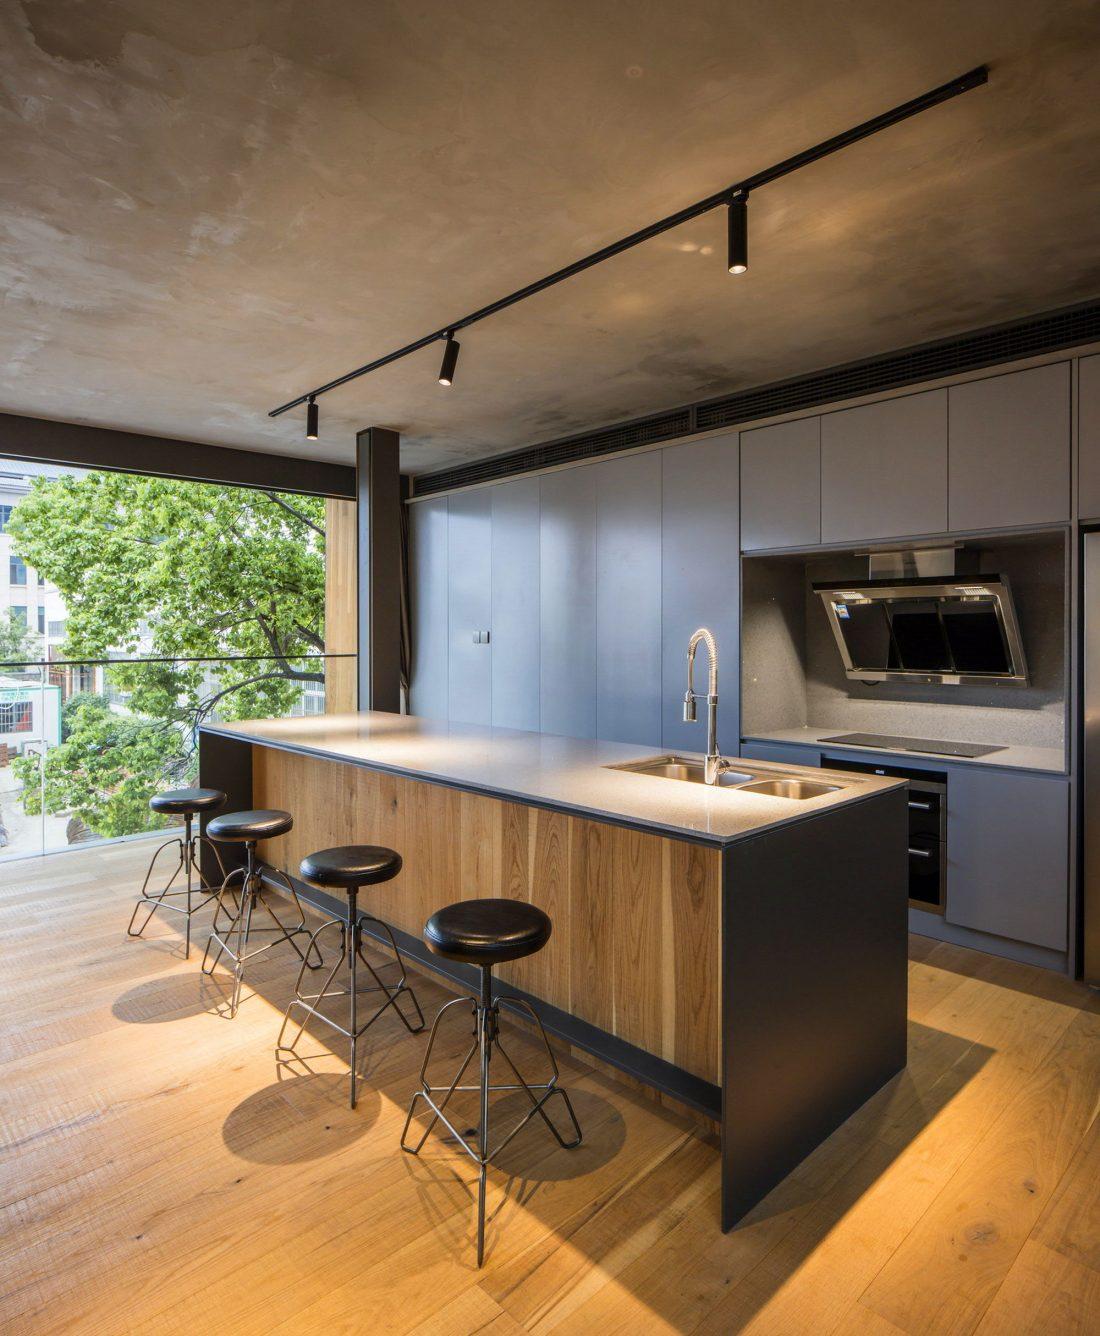 MISA Studio масштабный проект дома в Китае от студии Wanjing Design 17